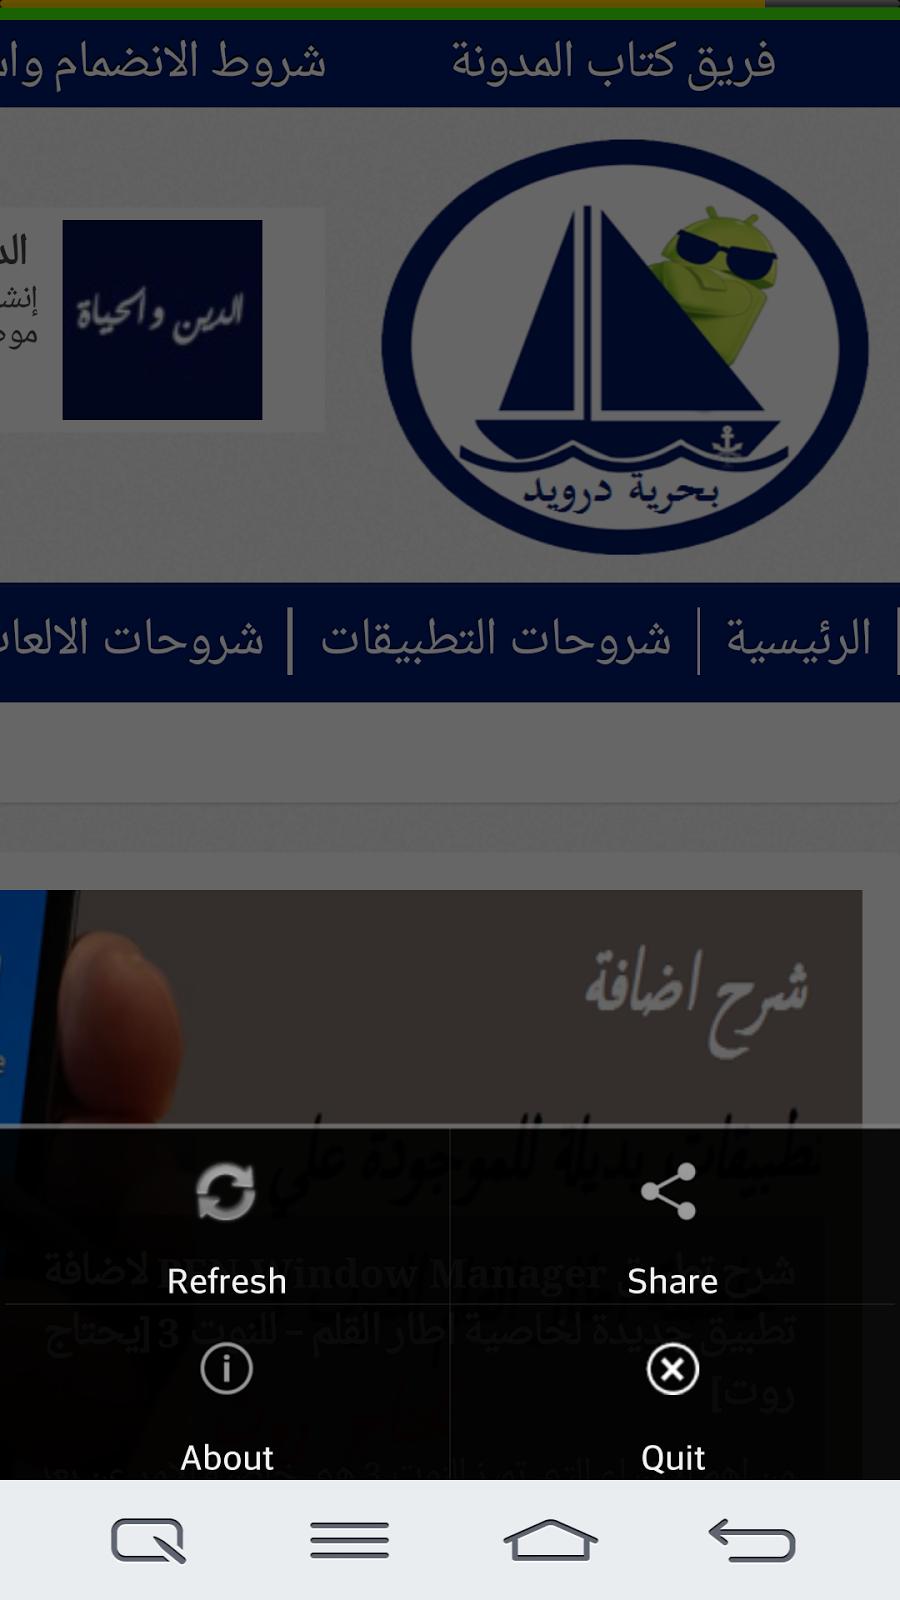 كيفية عمل تطبيق لموقعك على الاندرويد بأسهل طريقة والافضل على الاطلاق Screenshot_2014-02-07-18-56-14